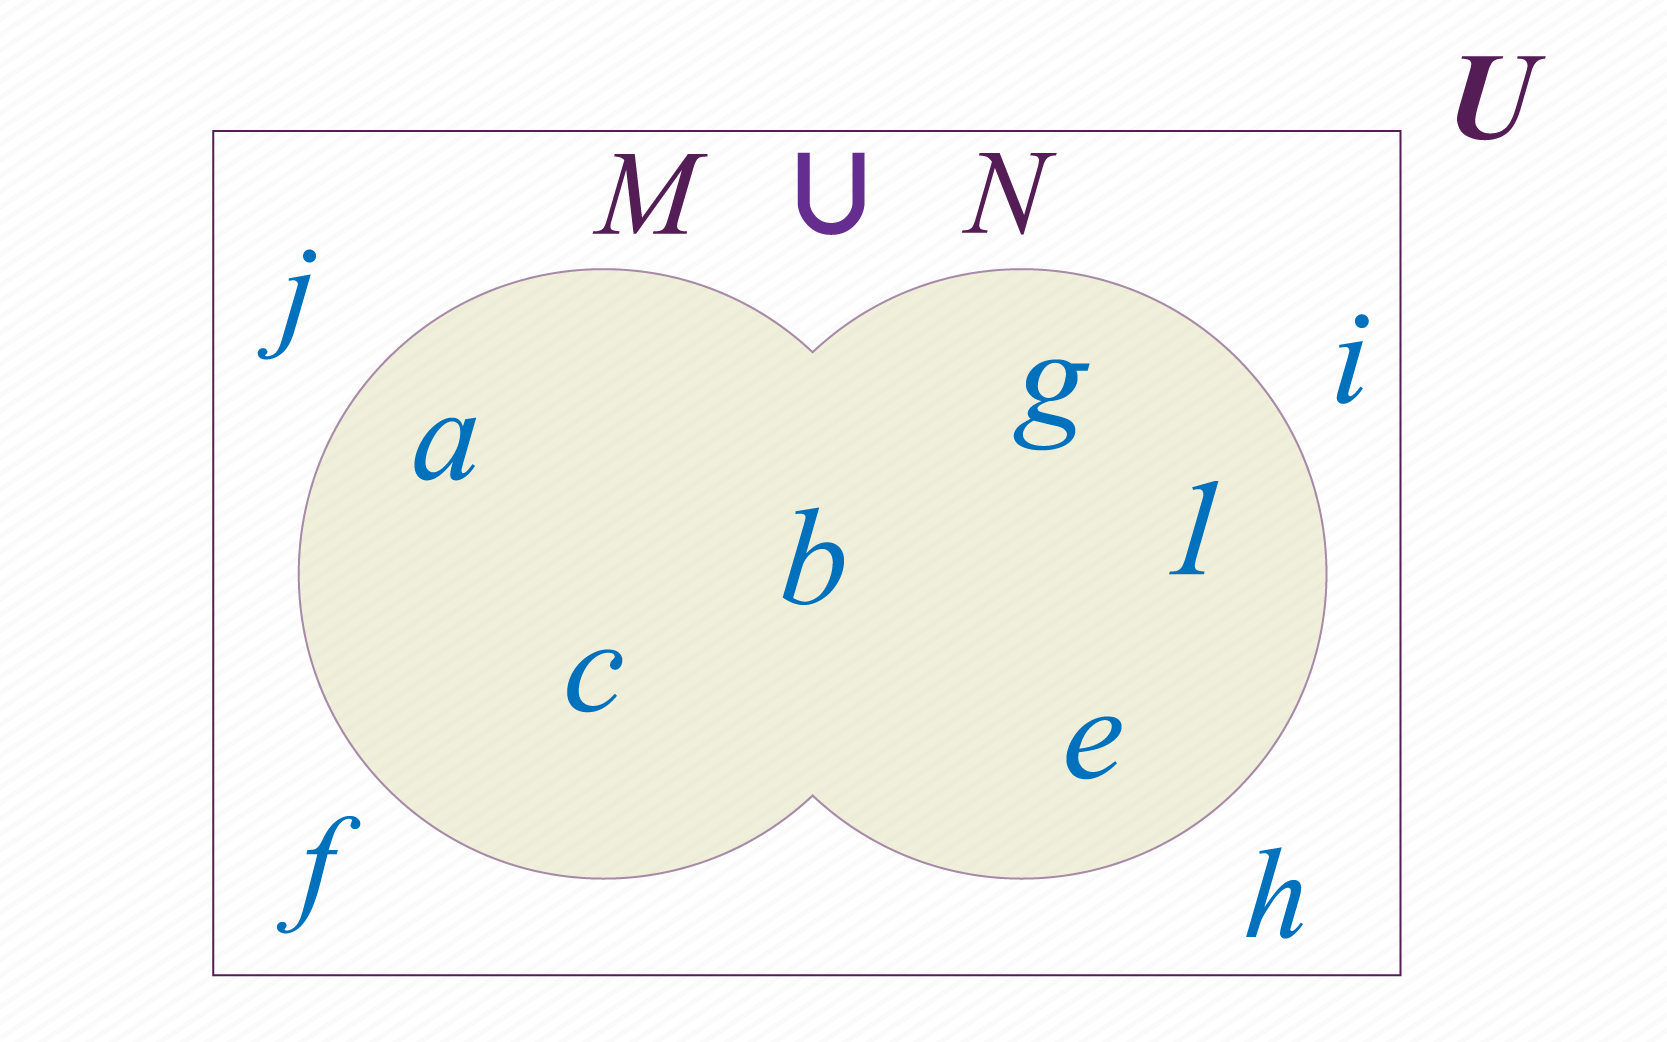 União de M e N.